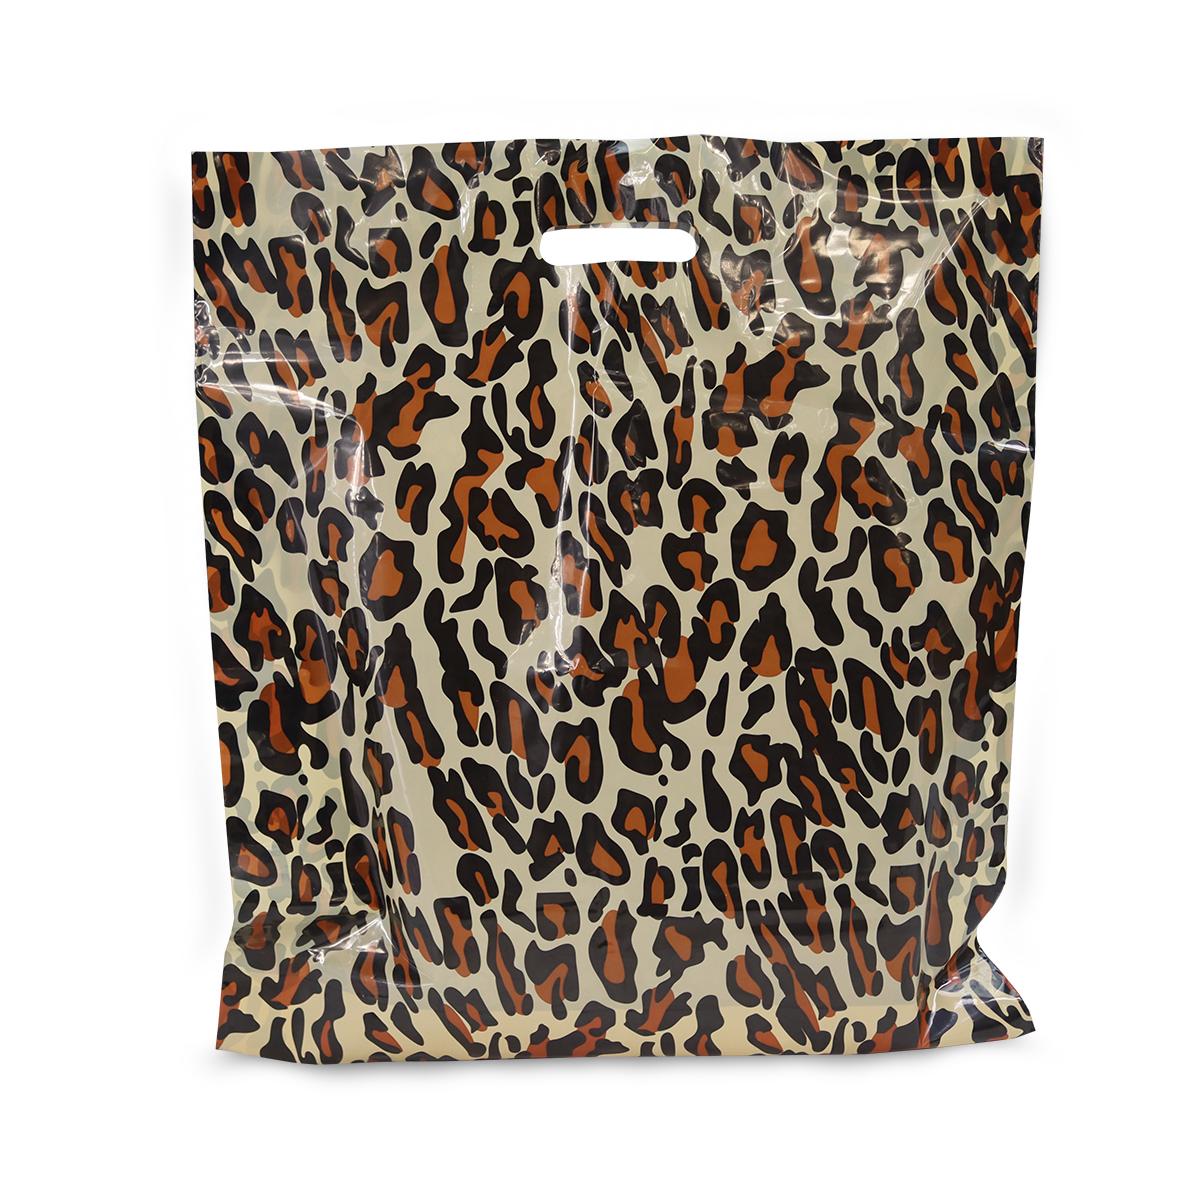 plastic-tassen-uitgestand-metdessin-tijger-product